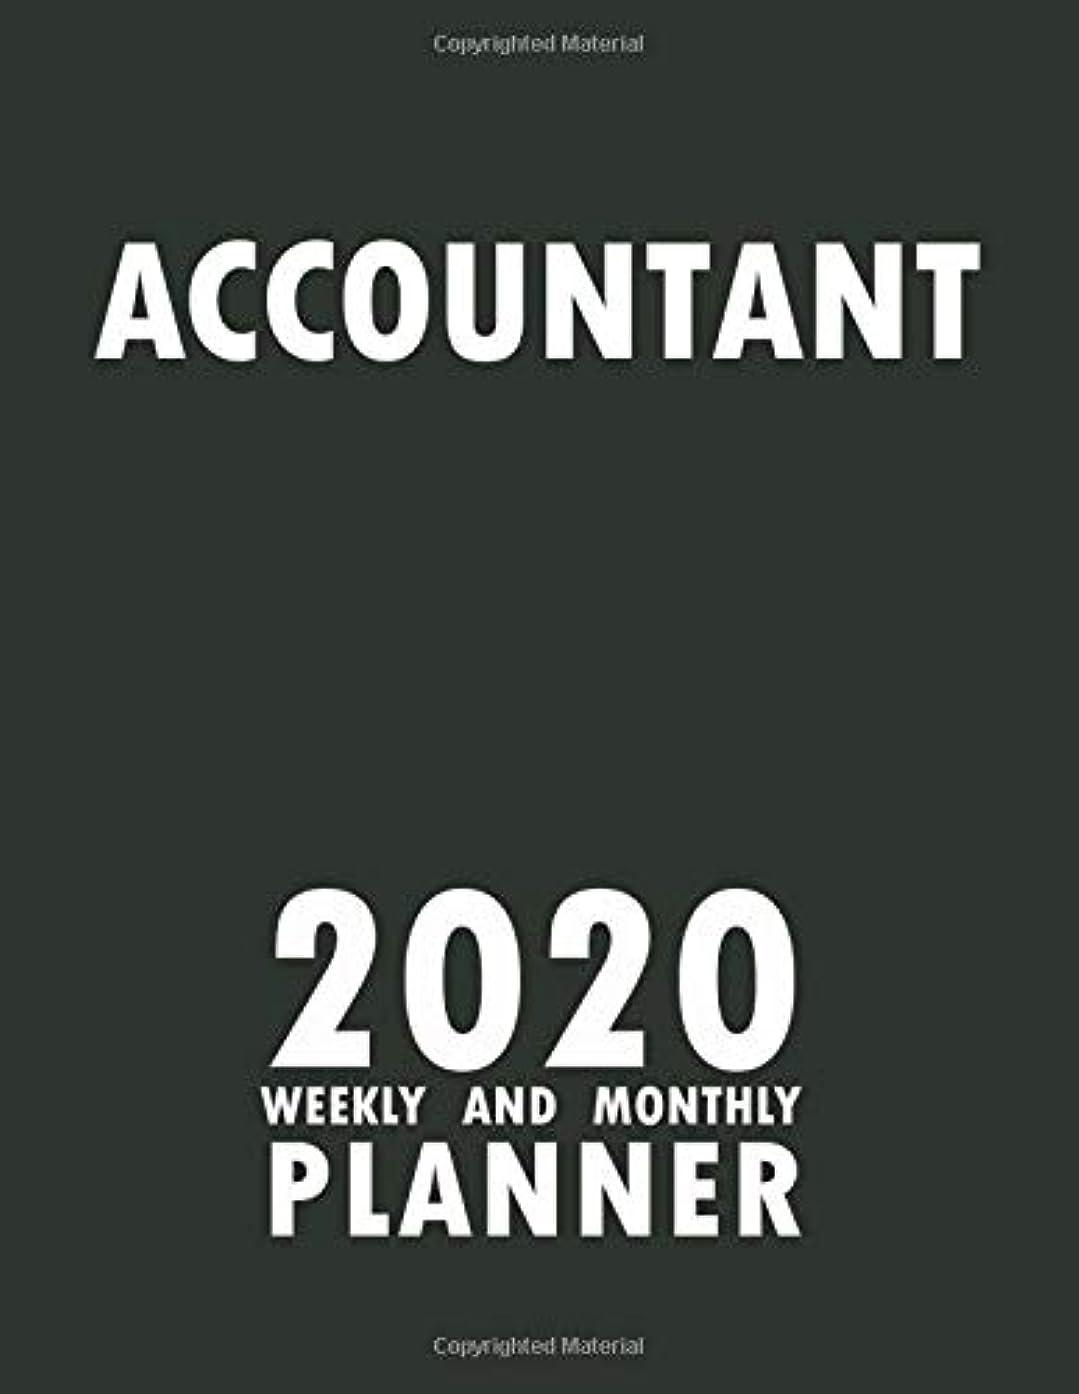 なる反論関係するAccountant 2020 Weekly and Monthly Planner: 2020 Planner Monthly Weekly inspirational quotes To do list to Jot Down Work Personal Office Stuffs Keep Tracking Things Motivations Notebook